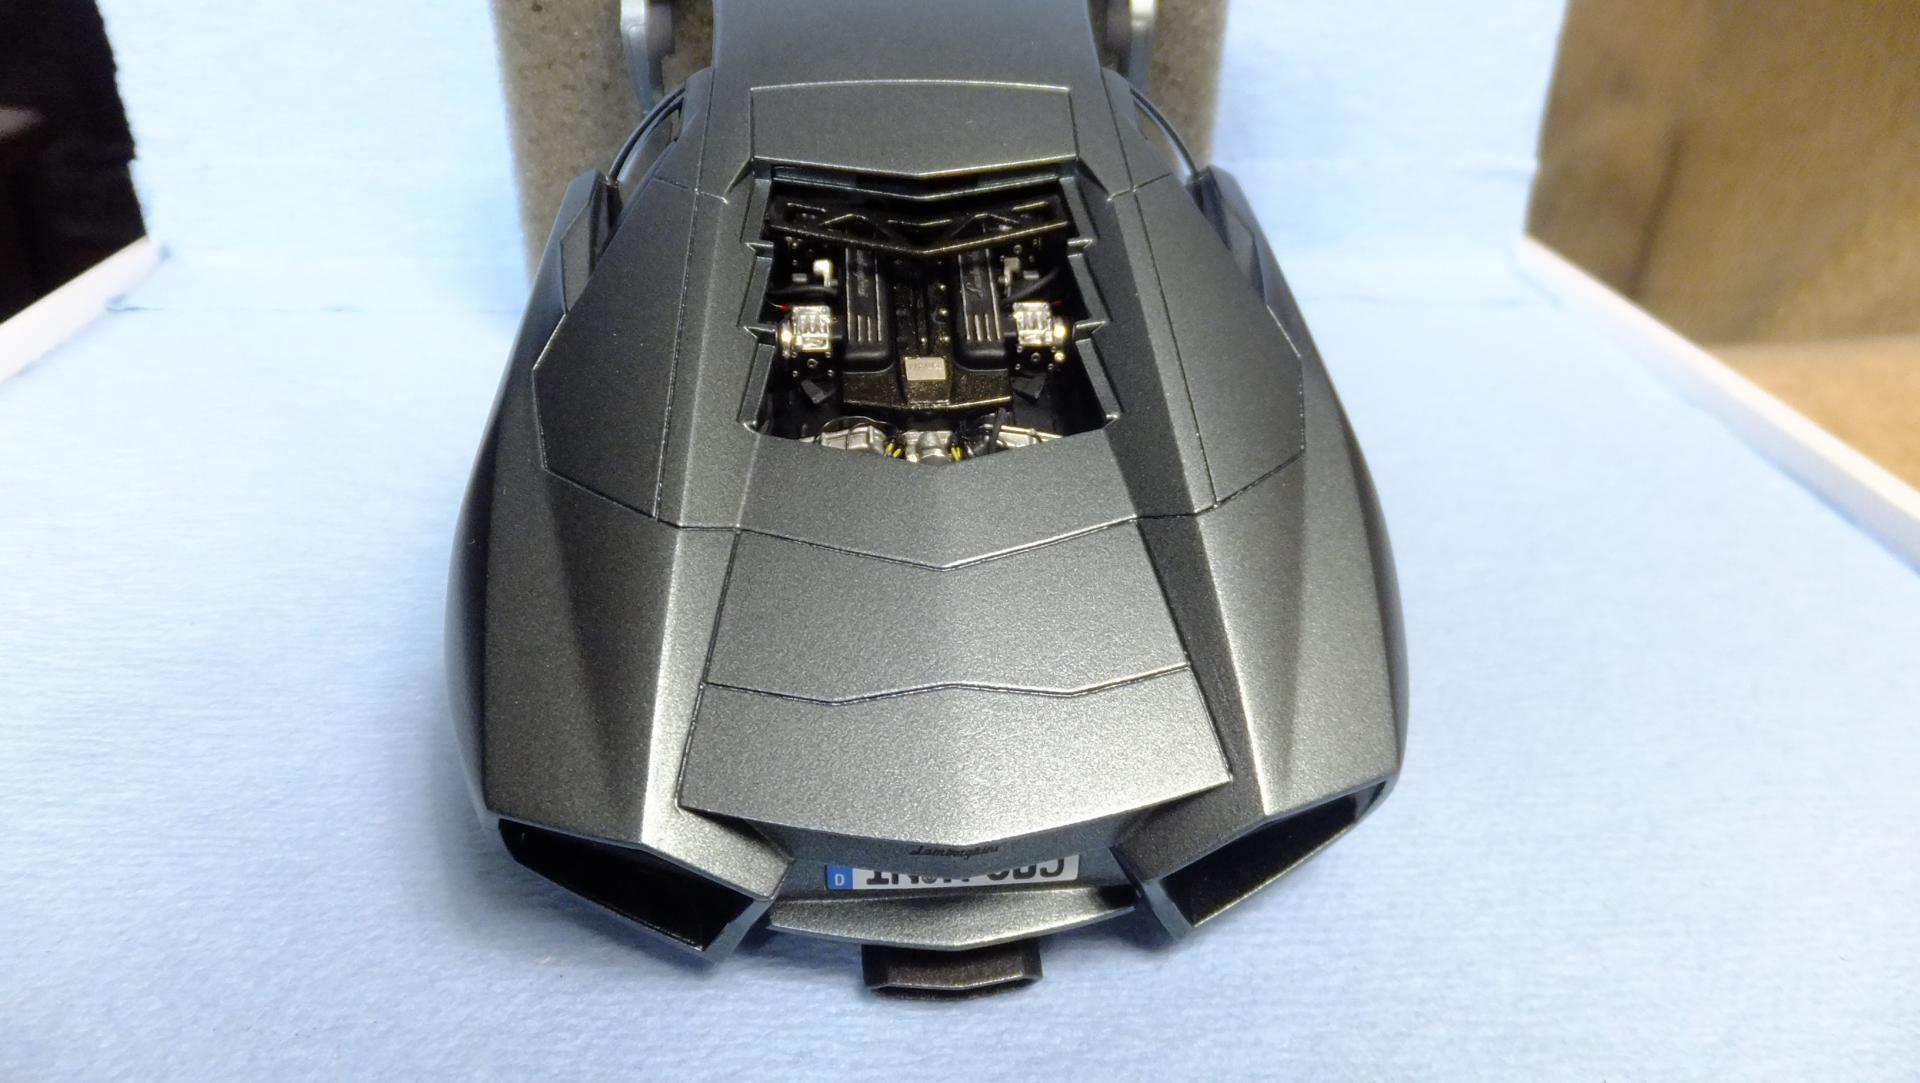 DSCF8340.JPG